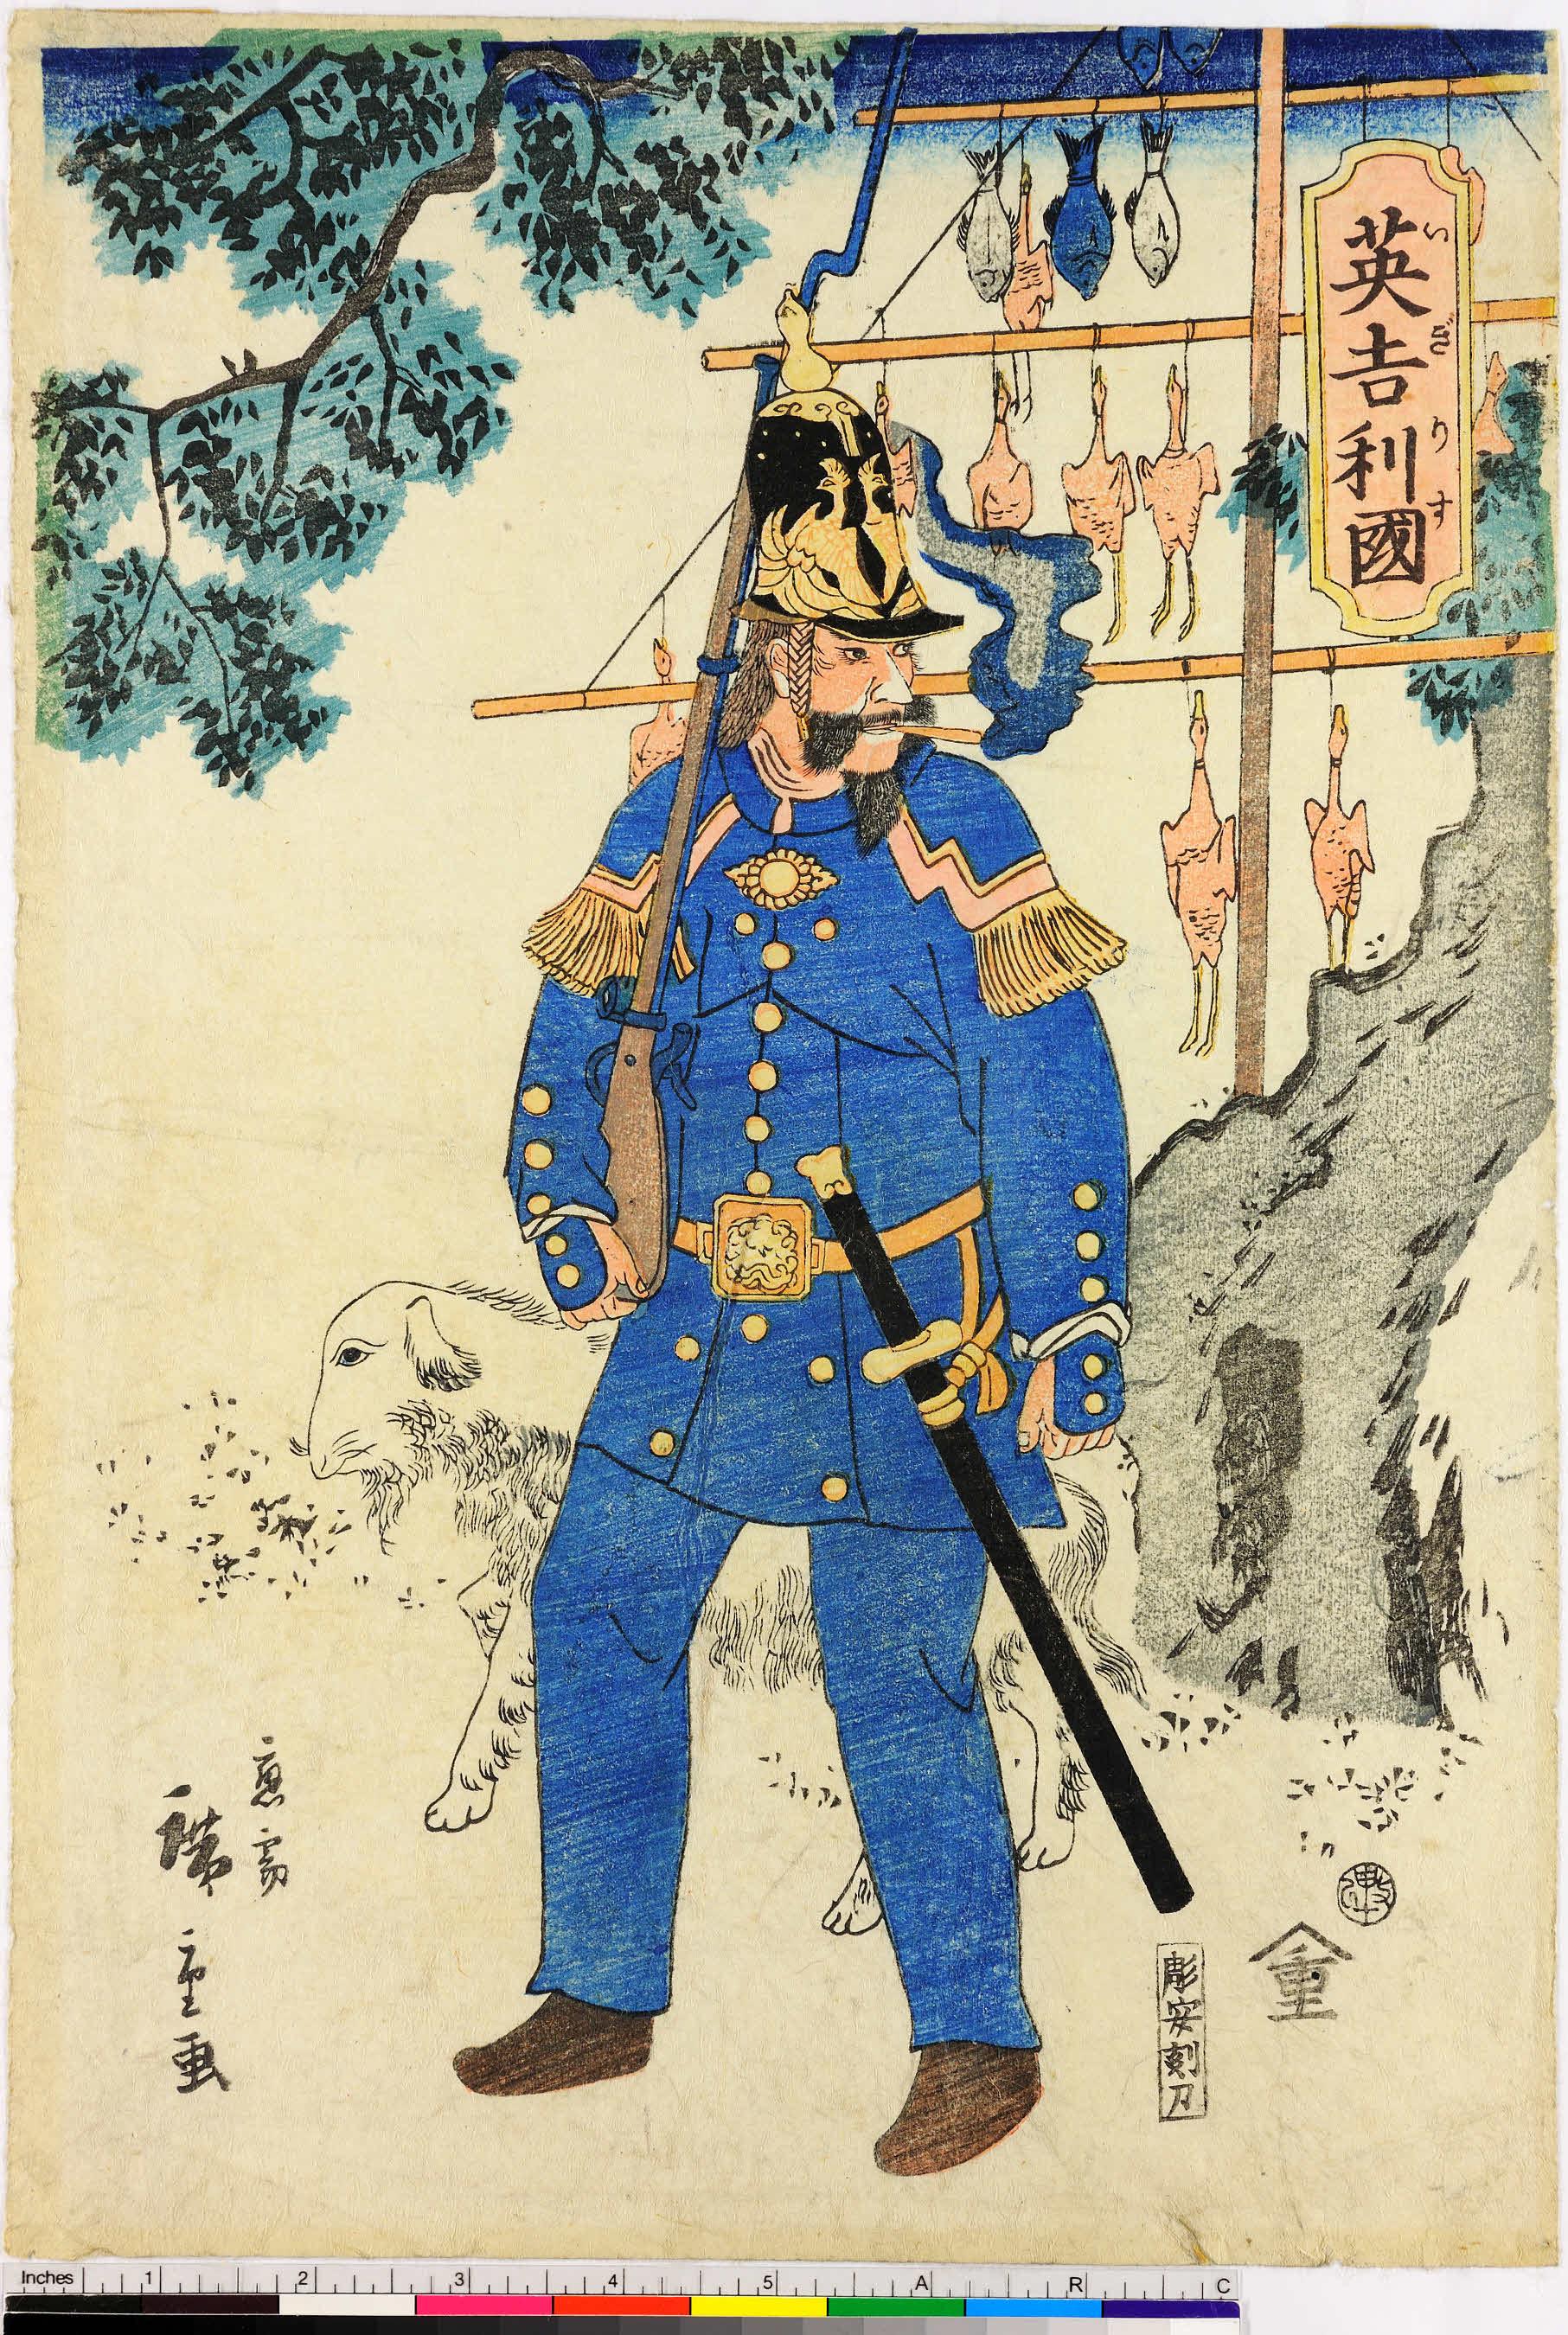 二歌川広重: 「英吉利国」 - 立命館大学 - 浮世絵検索